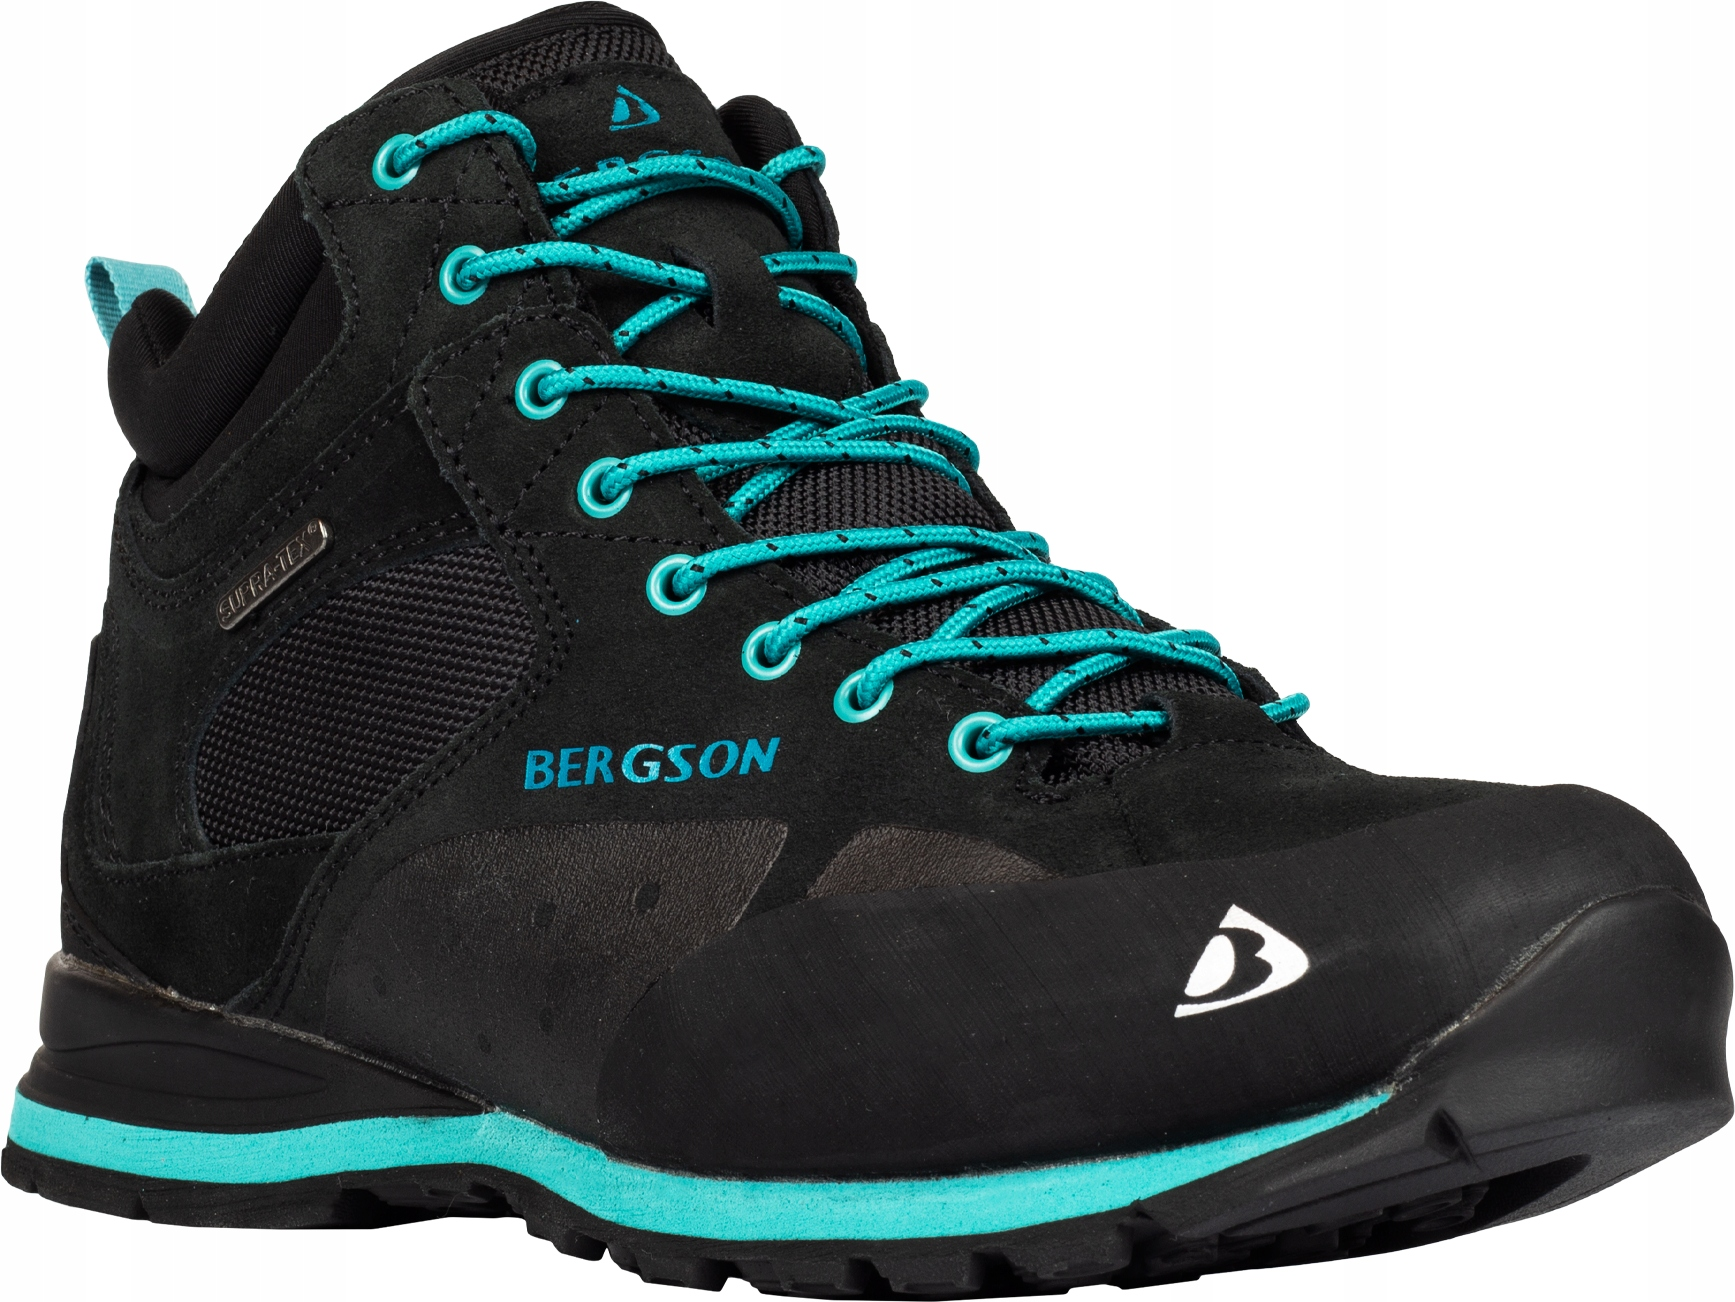 Damskie Buty Trekkingowe Bergson Soira Wysokie 39 9536673288 Allegro Pl